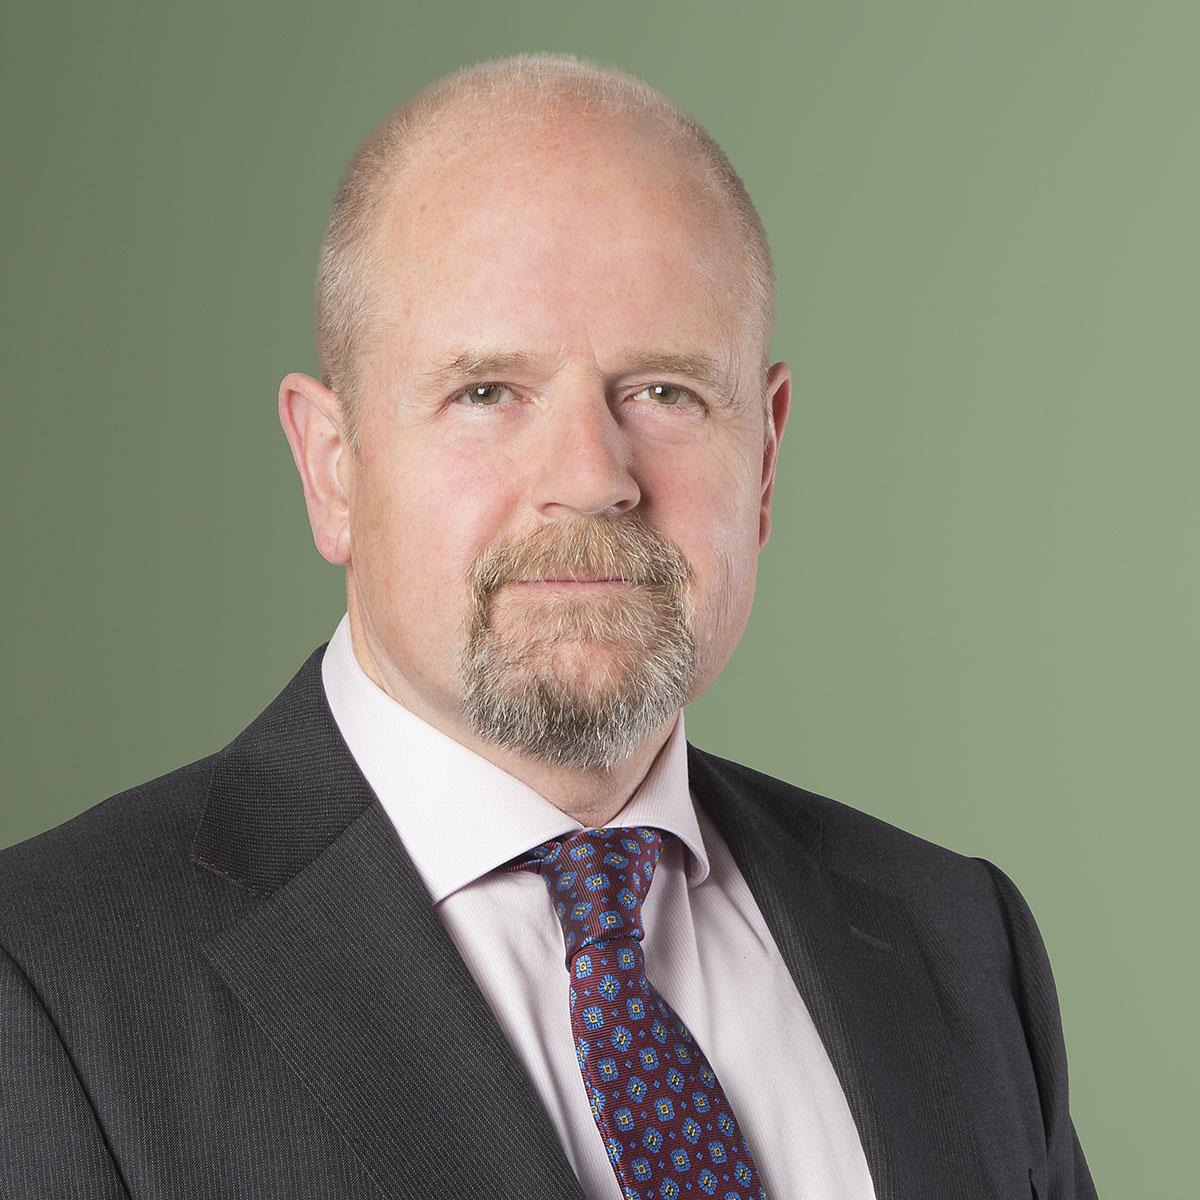 Dick Bouwhuis, voorzitter van de werkgroep Drones in Beveiliging